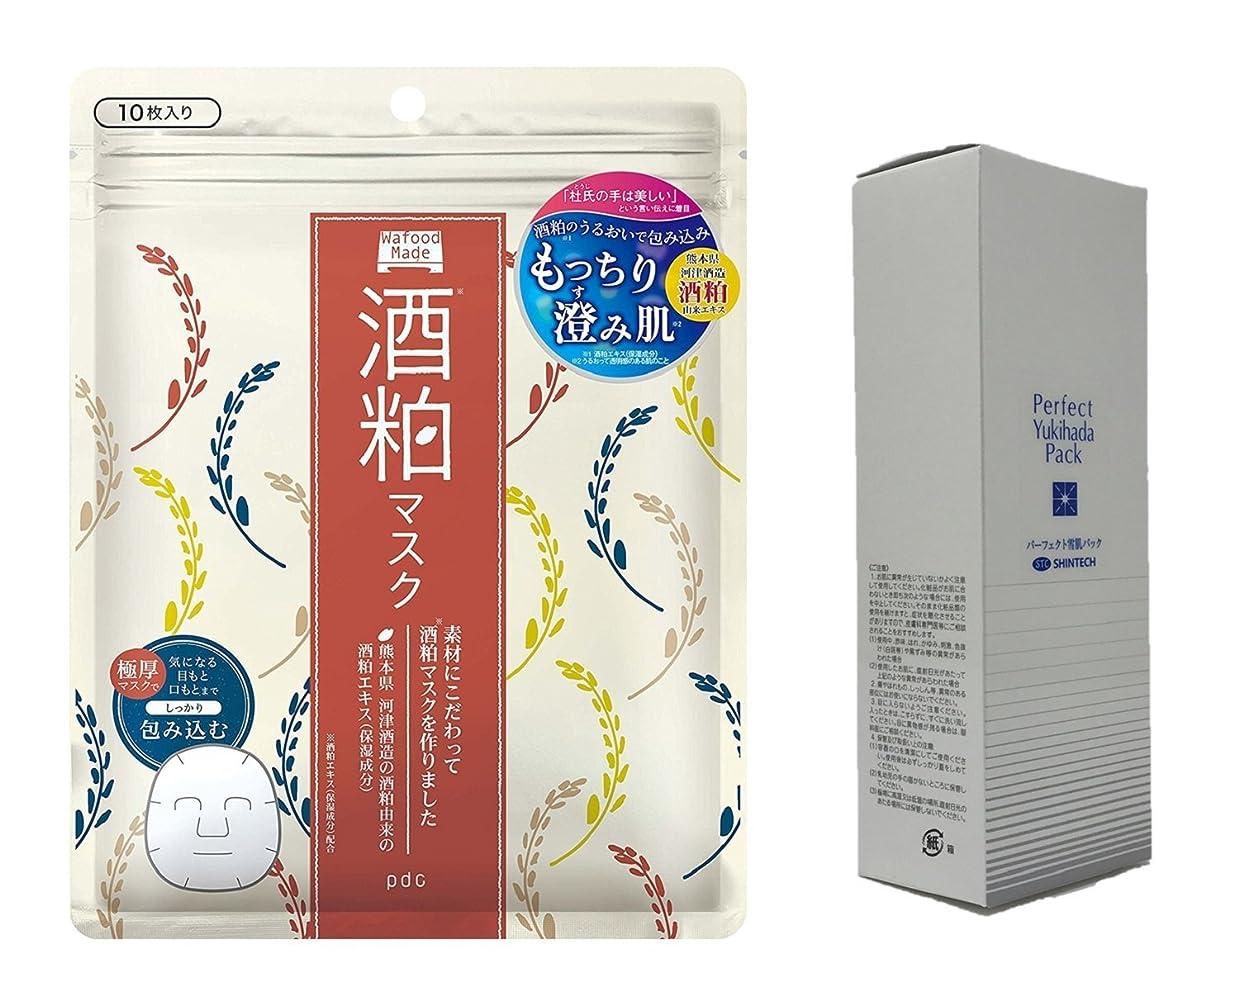 シンボル算術憂慮すべきワフードメイド酒粕マスク 10枚入りとパーフェクト雪肌フェイスパック 130g 日本製 美白、保湿、ニキビなどお肌へ SHINTECH